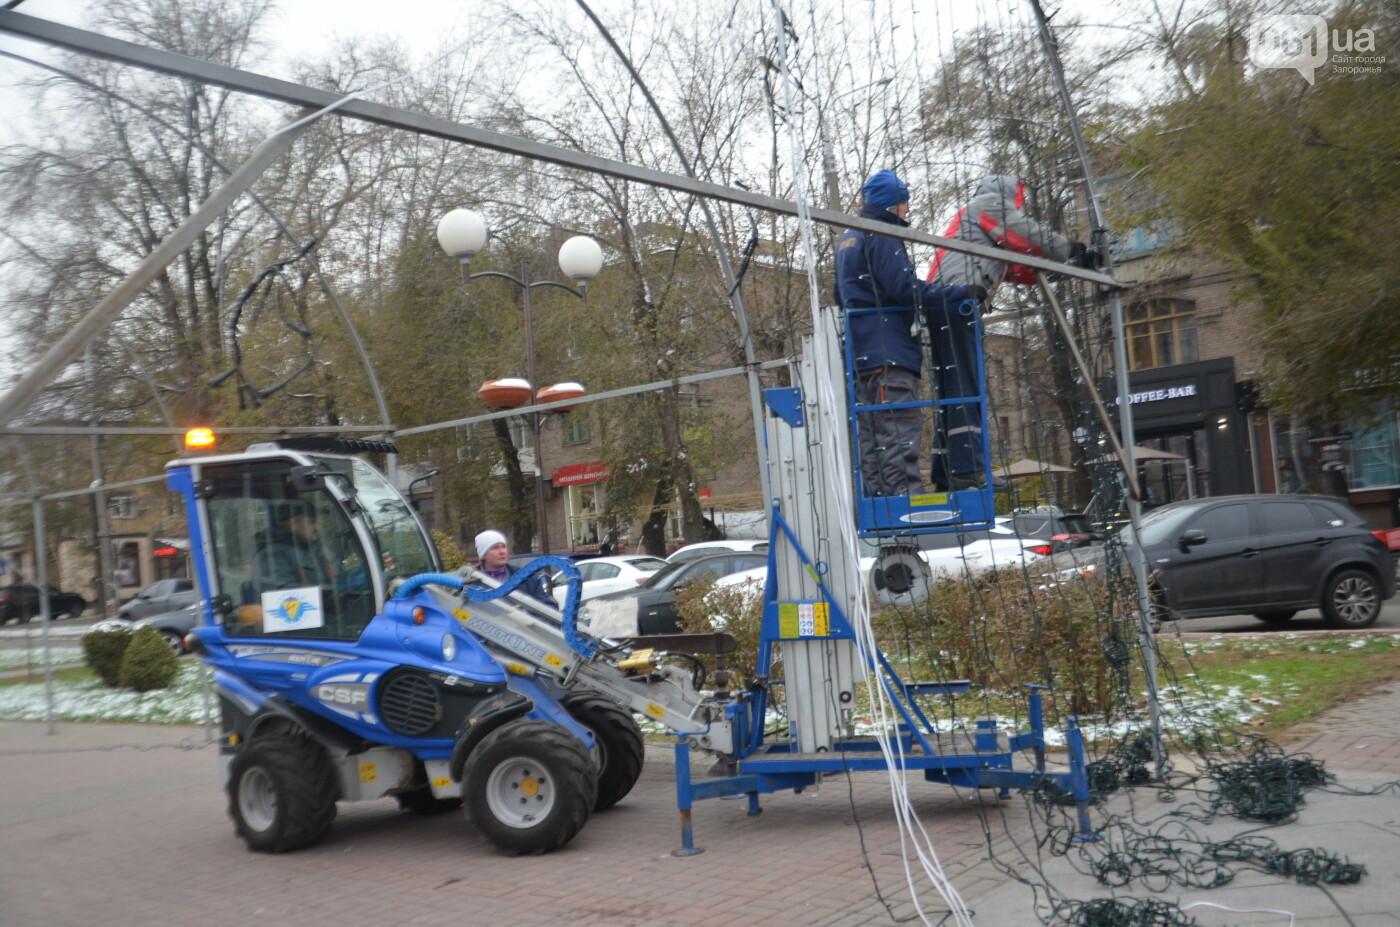 В Запорожье на бульваре Шевченко начали монтировать новогодний городок на БШ за 1,8 миллиона гривен, фото-20